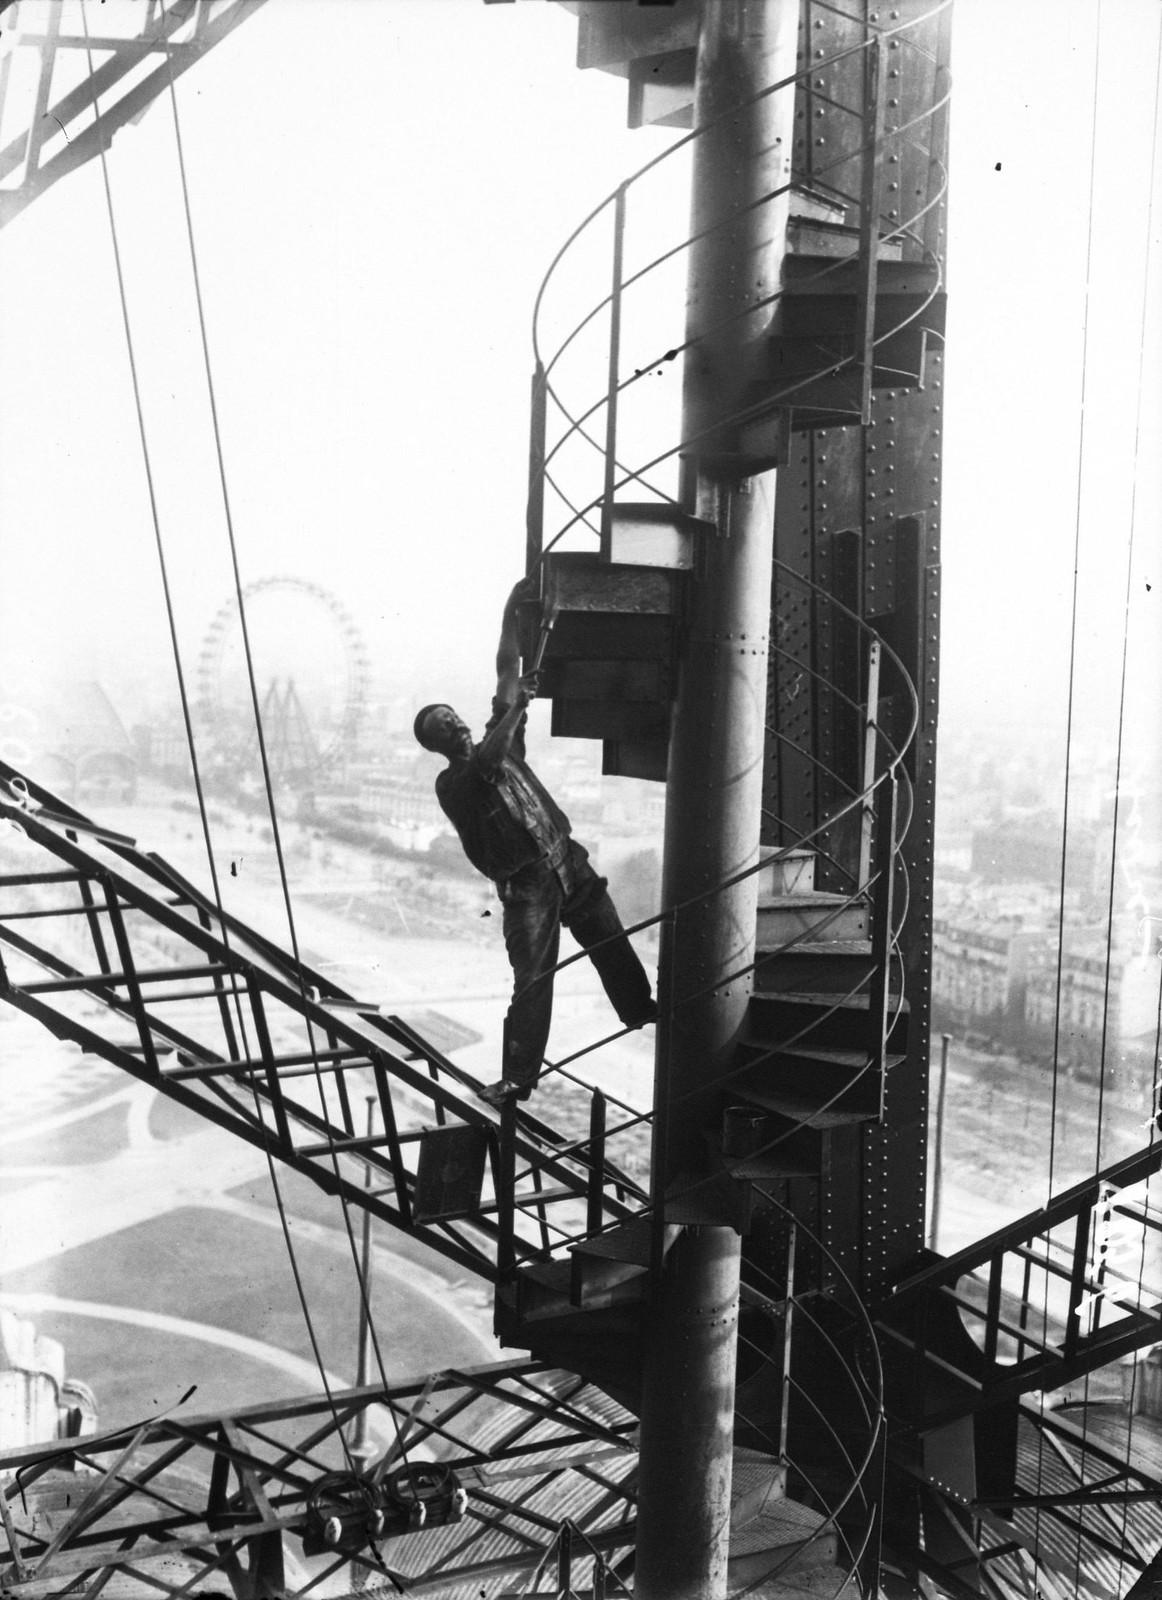 1907. Маляр балансирует на лестнице Эйфелевой башни, сентябрь